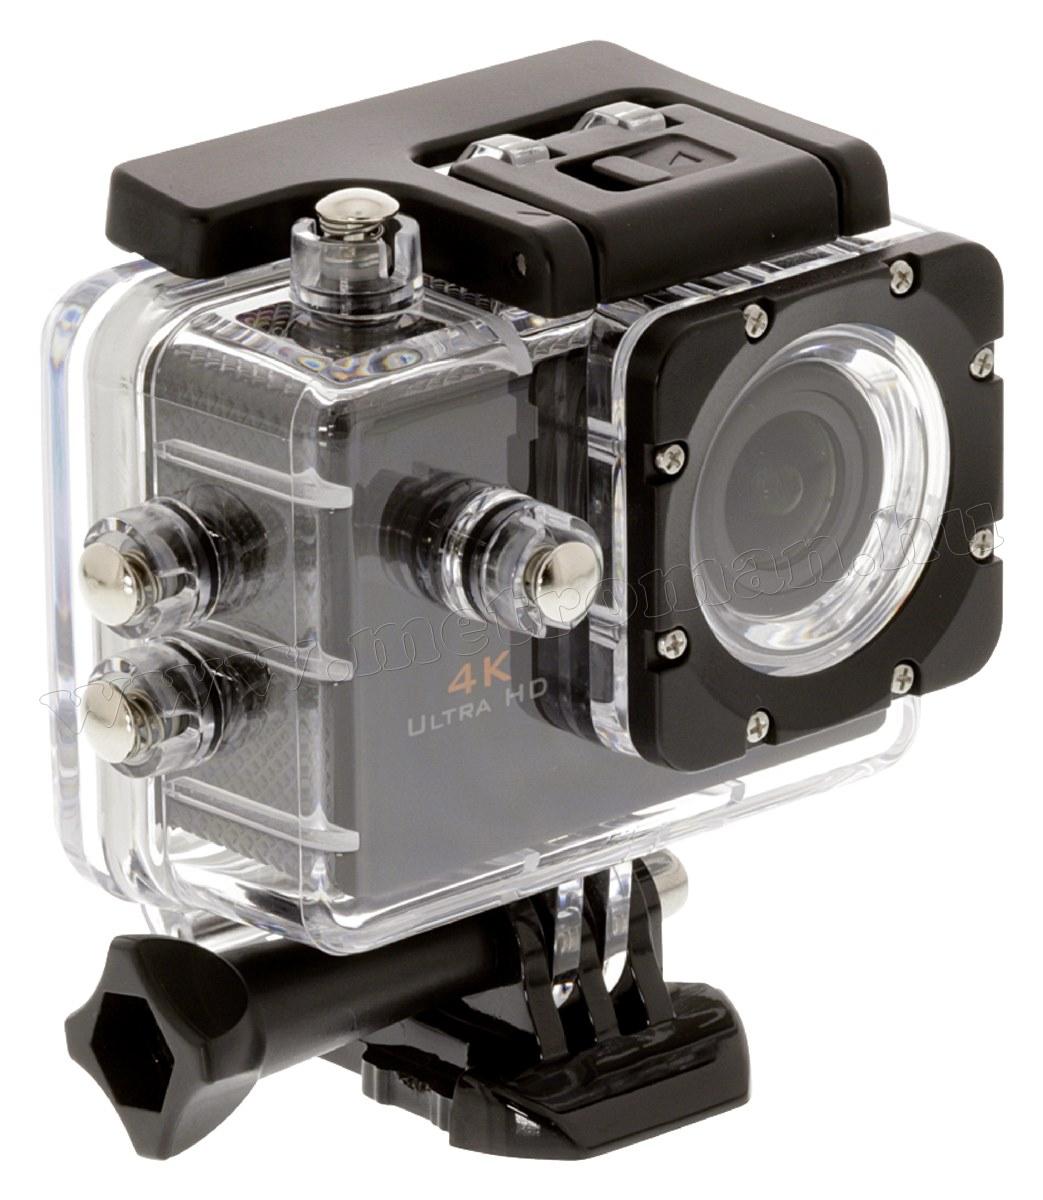 Vízálló extrém sport és akció kamera ACAM40 4K UHD WIFI